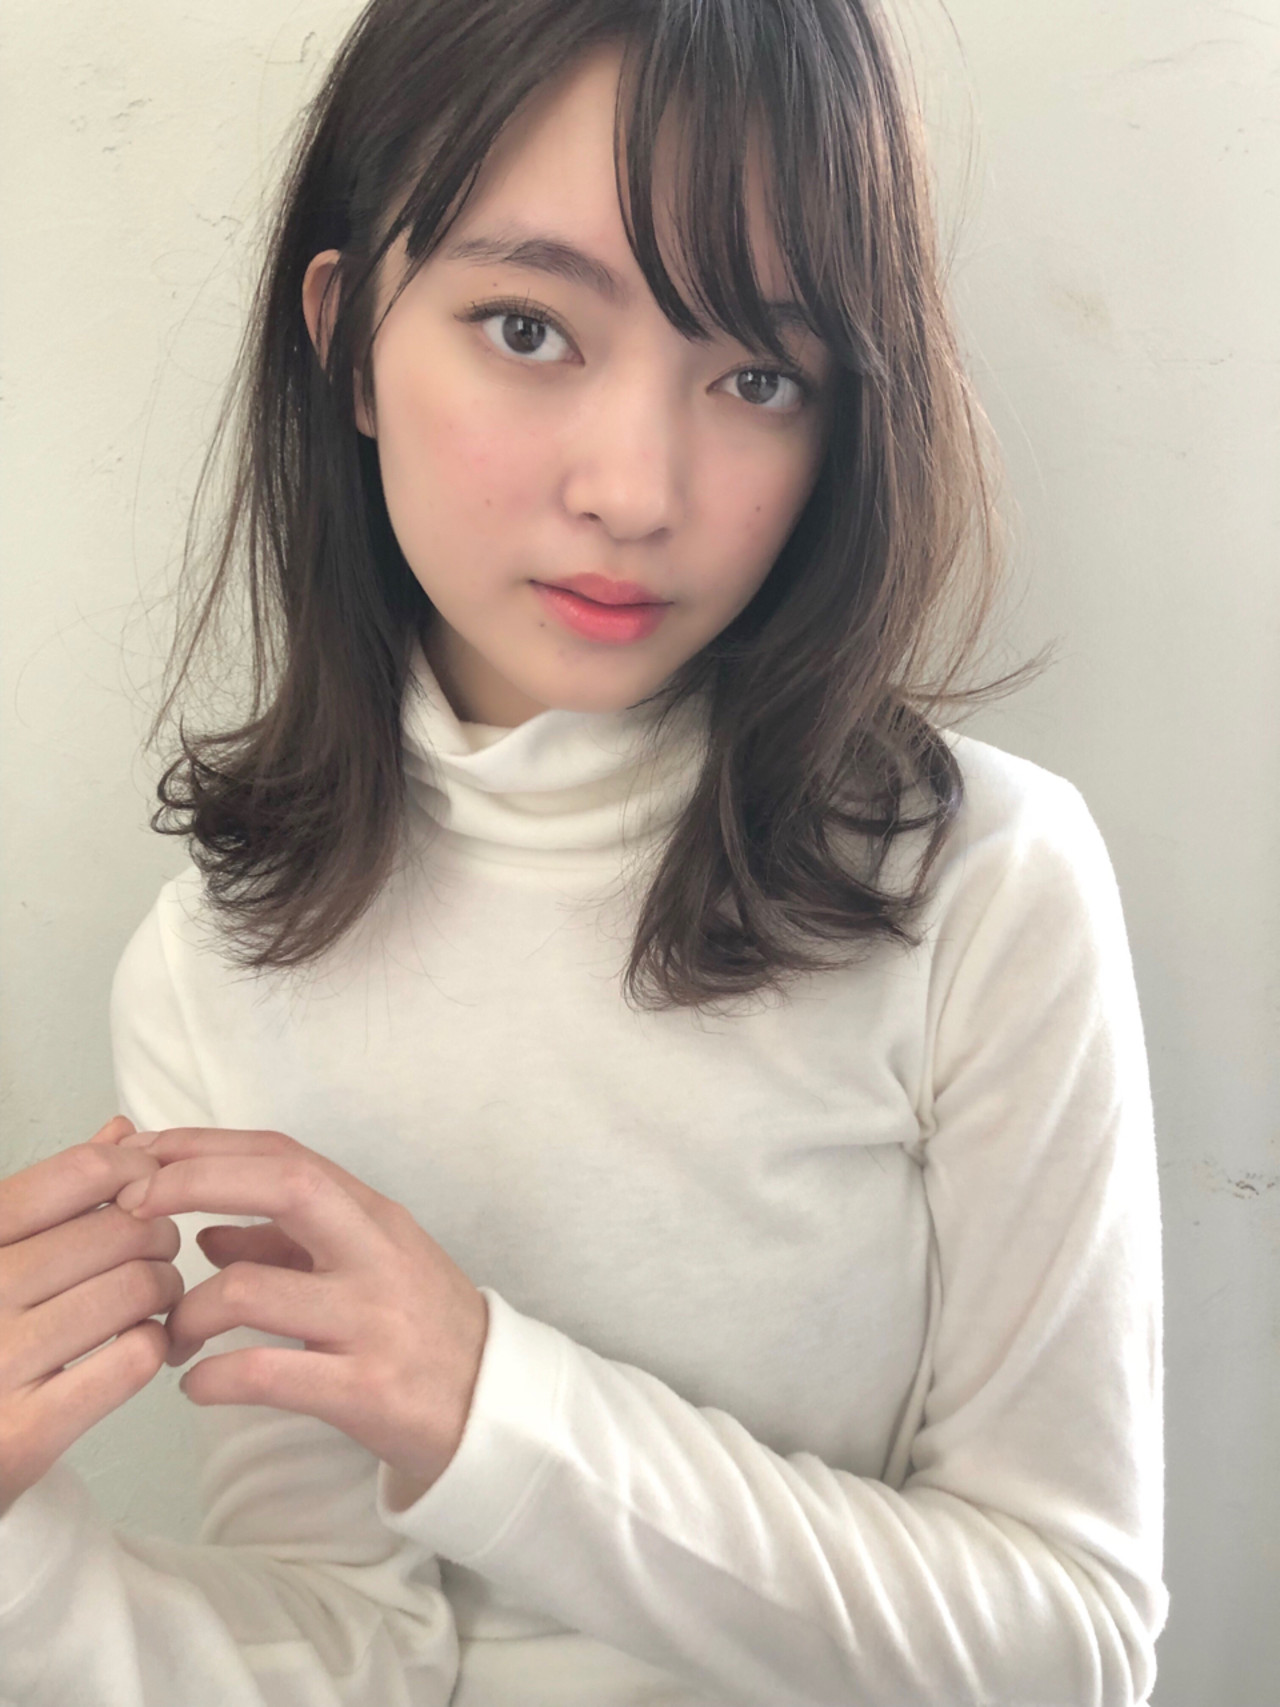 ミディアム こなれ感 ヘアアレンジ 外ハネ ヘアスタイルや髪型の写真・画像 | ナガヤ アキラ joemi 新宿 / joemi by Un ami